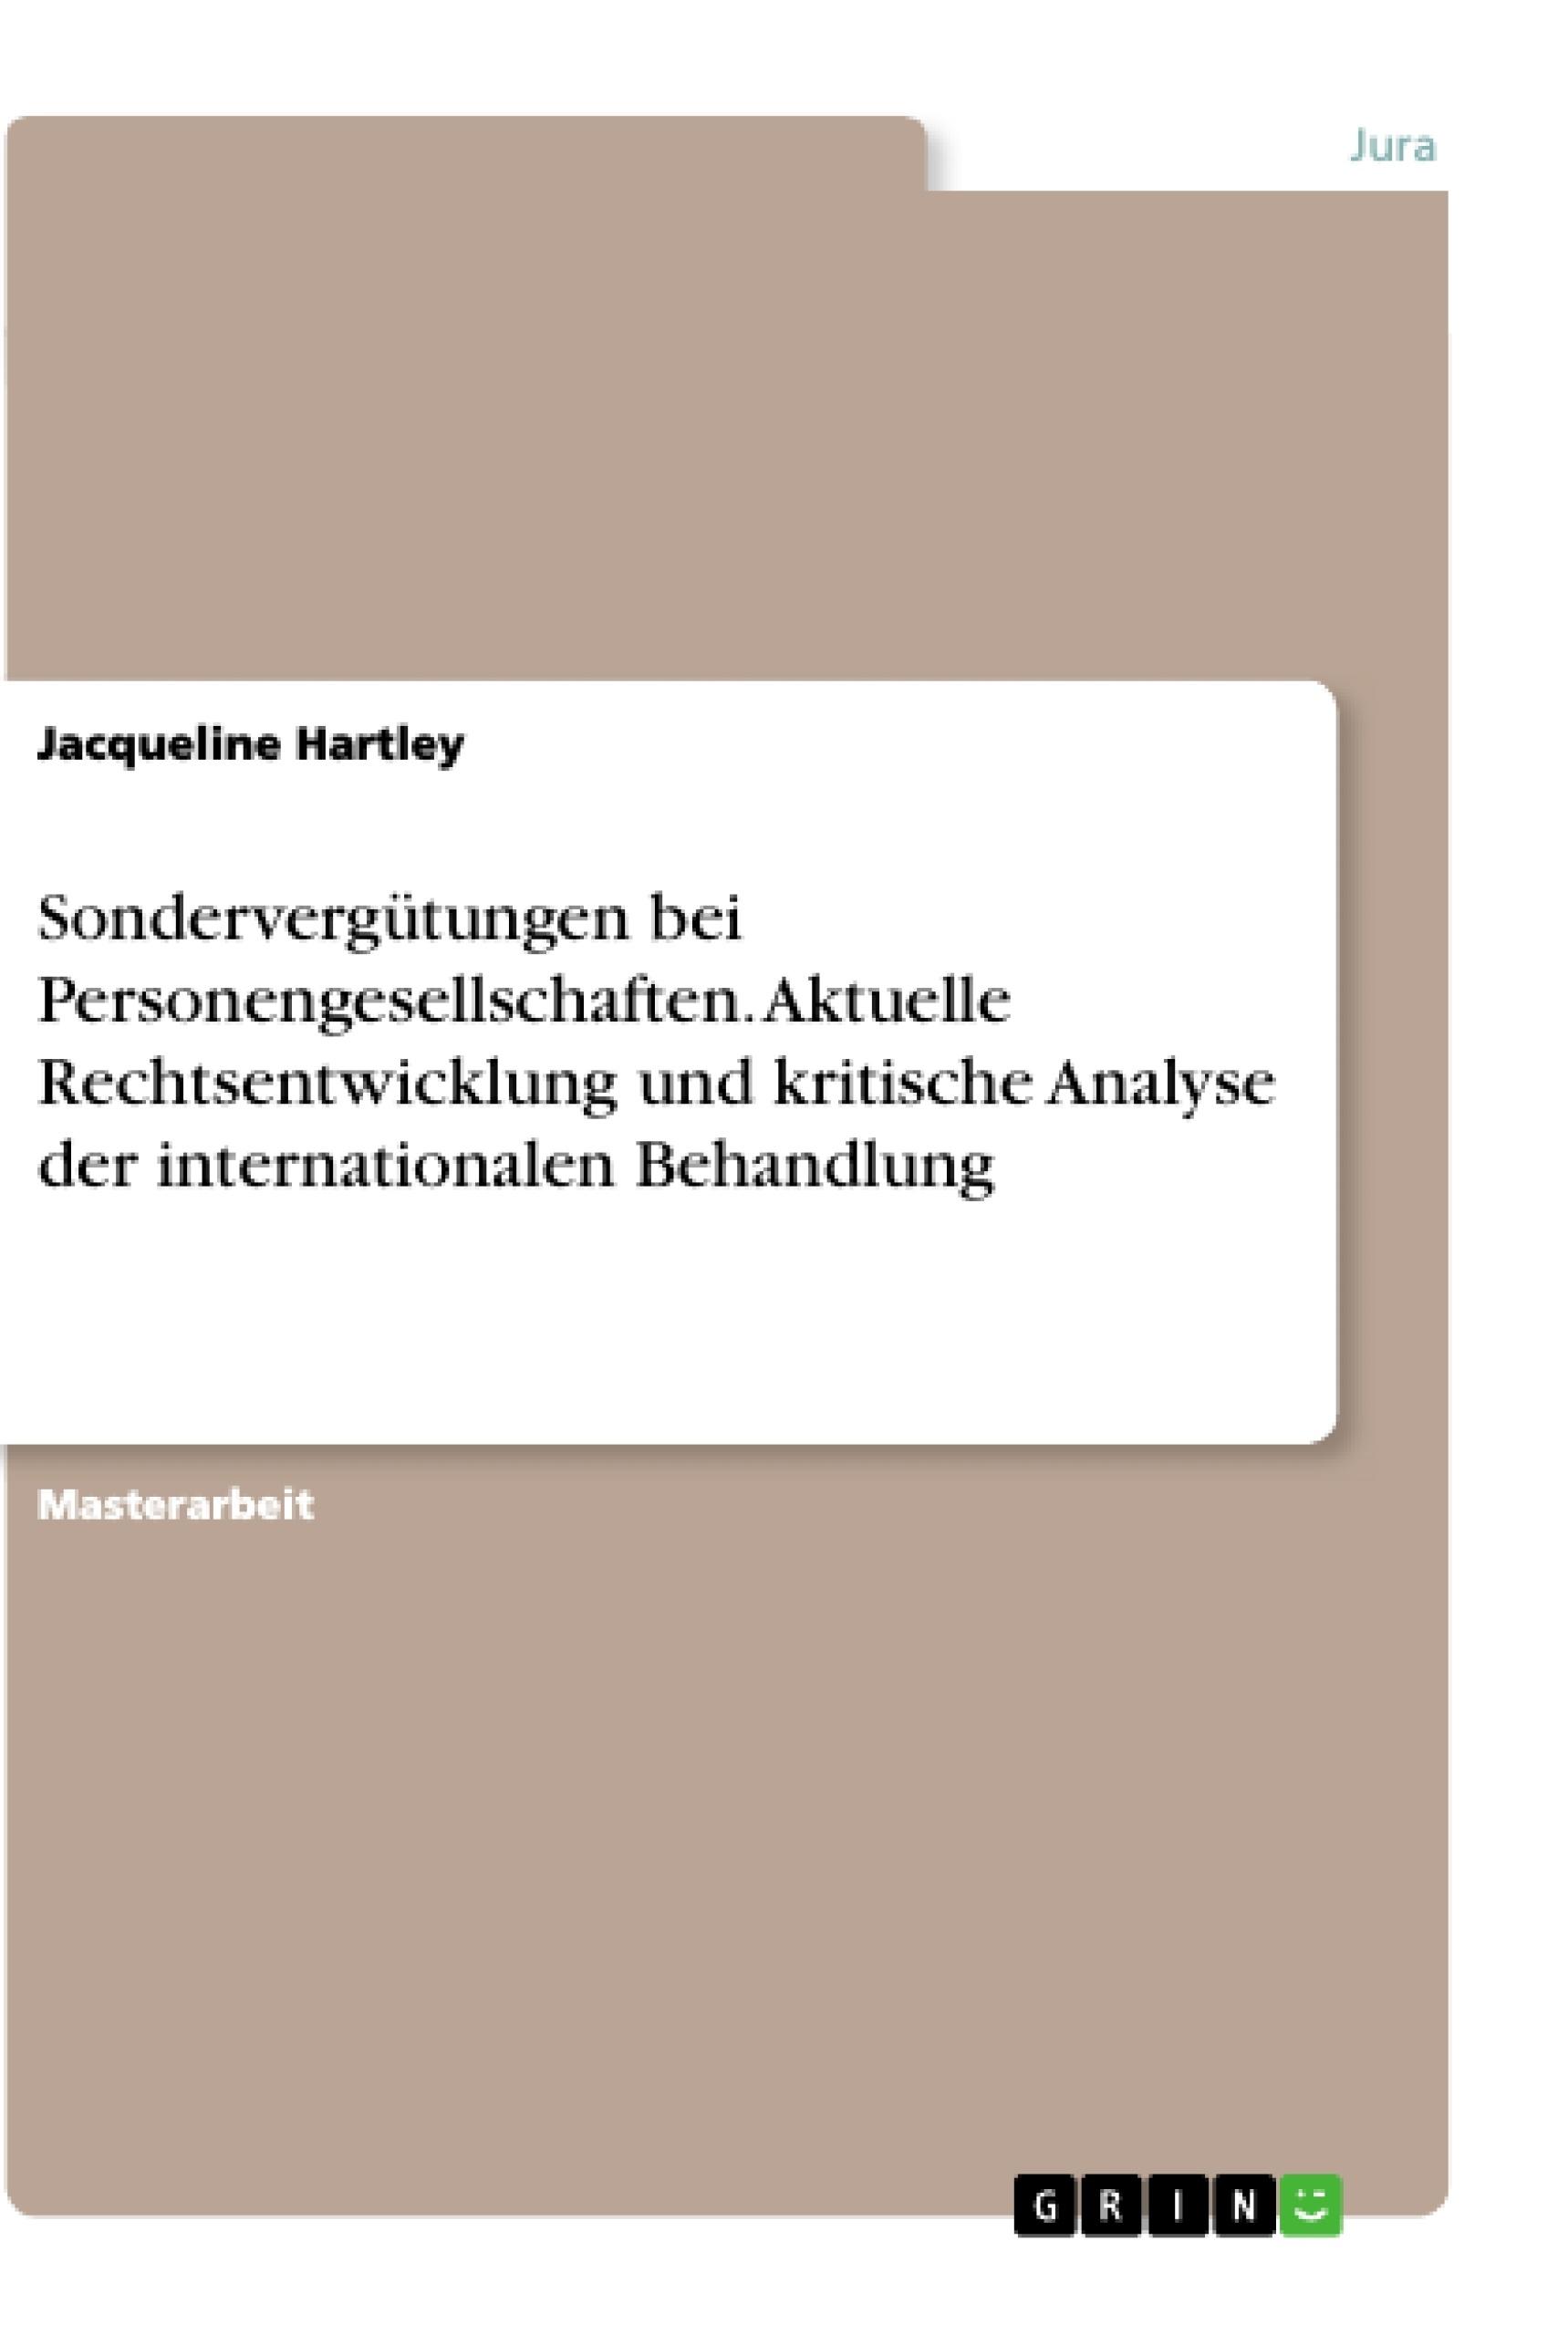 Titel: Sondervergütungen bei Personengesellschaften. Aktuelle Rechtsentwicklung und kritische Analyse der internationalen Behandlung